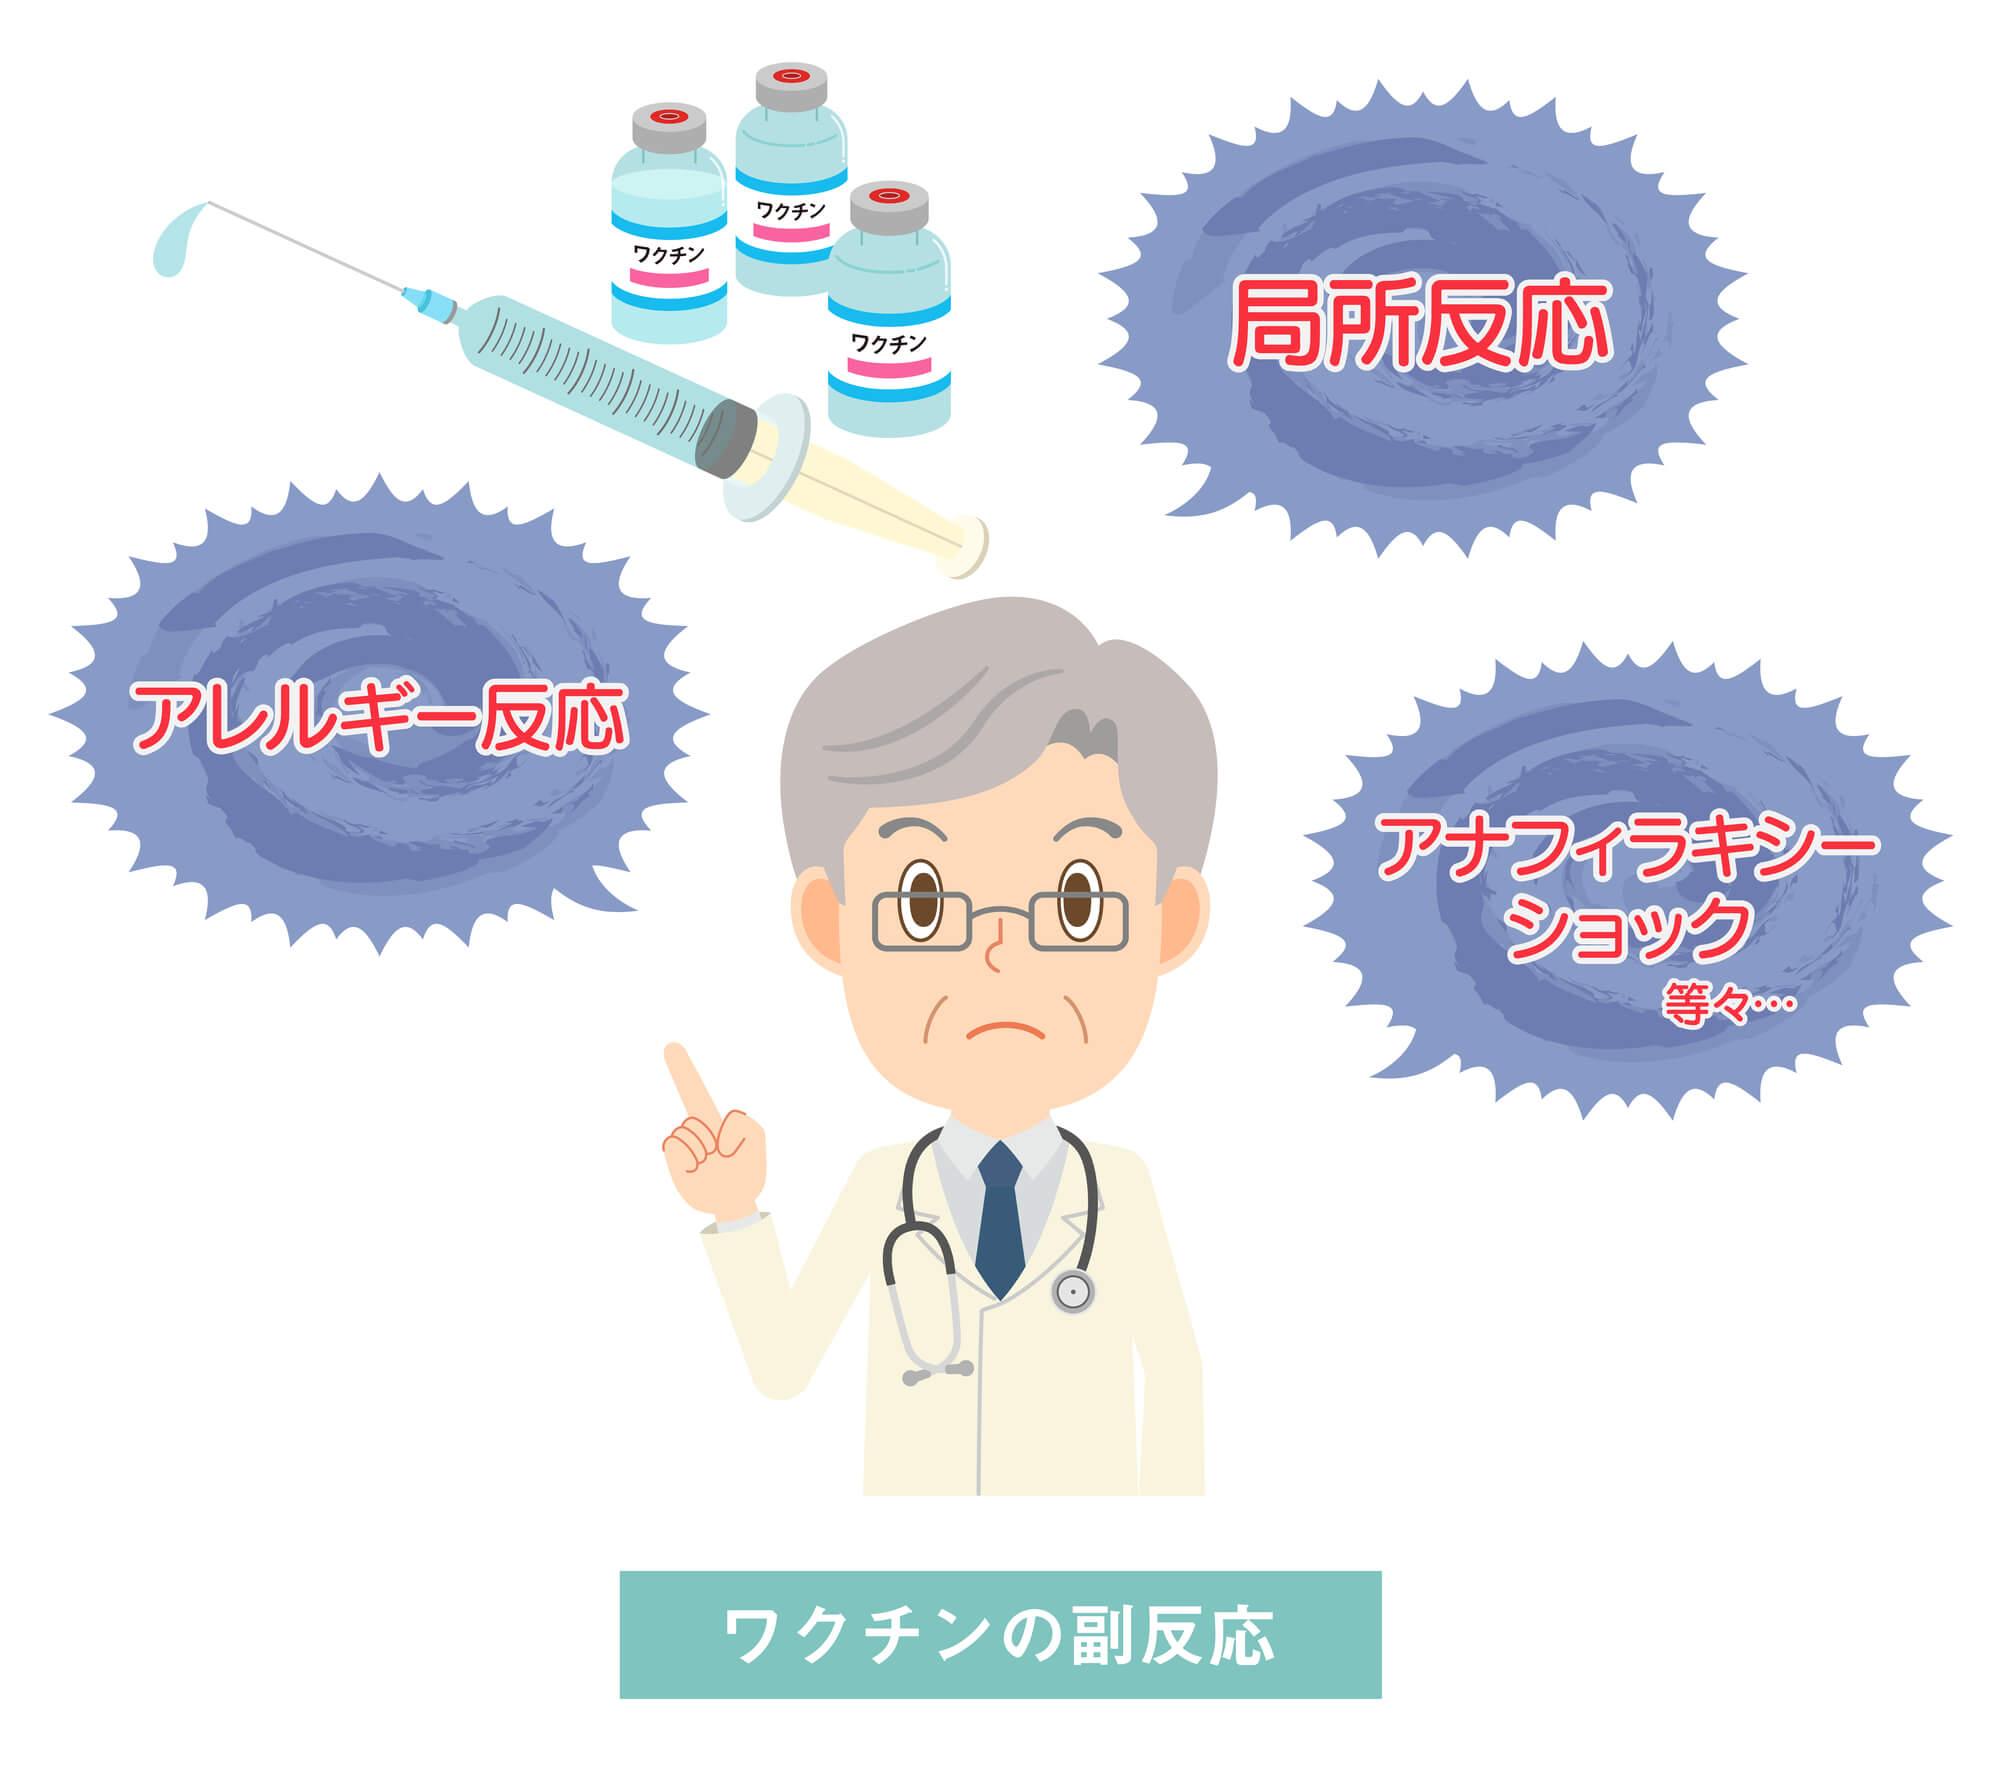 新型コロナウイルスワクチンの副作用